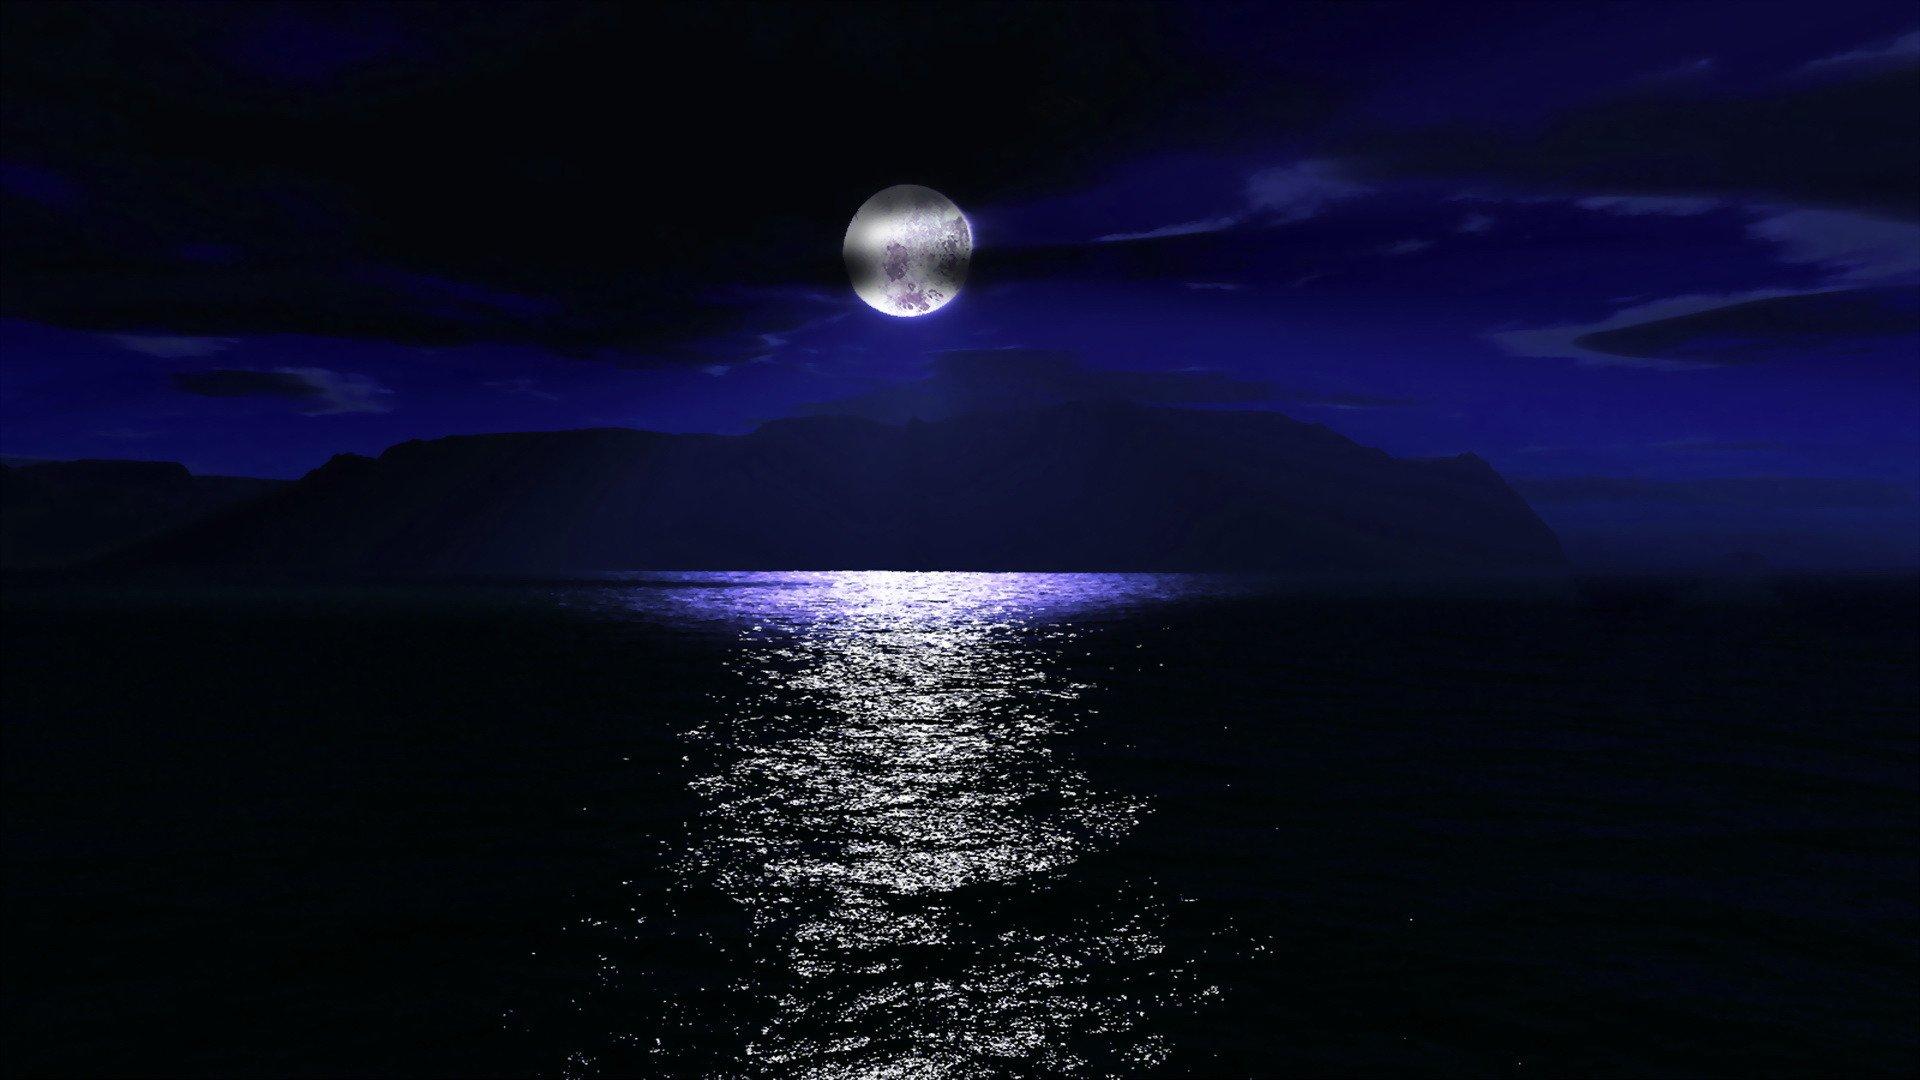 40 Moonlight HD Wallpapers